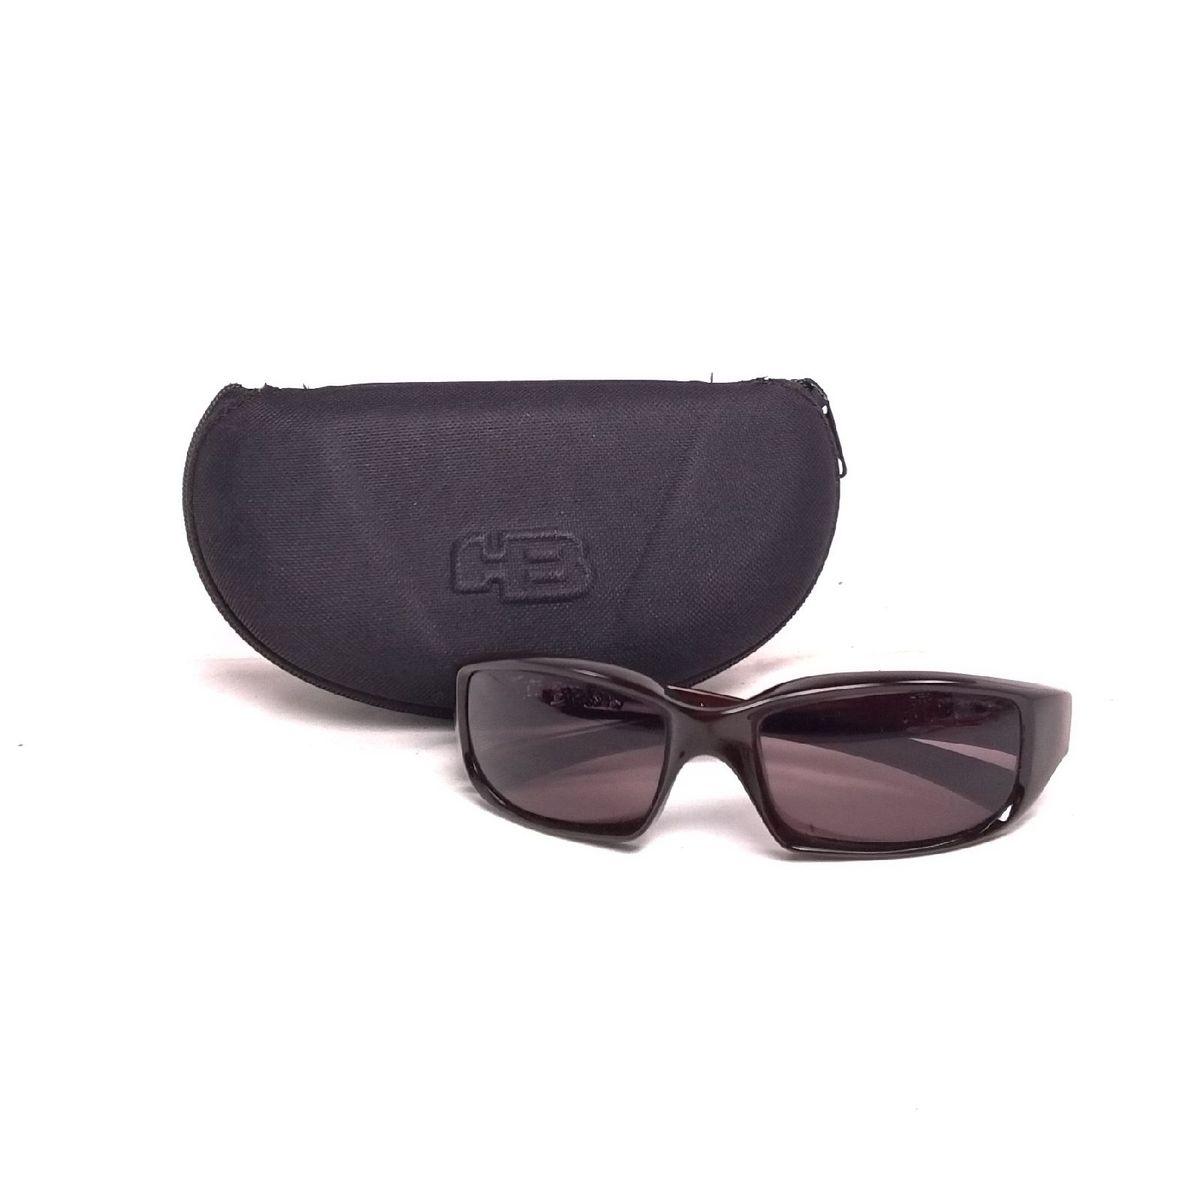 730be20f3d4a0 Óculos Pequeno Quadrado